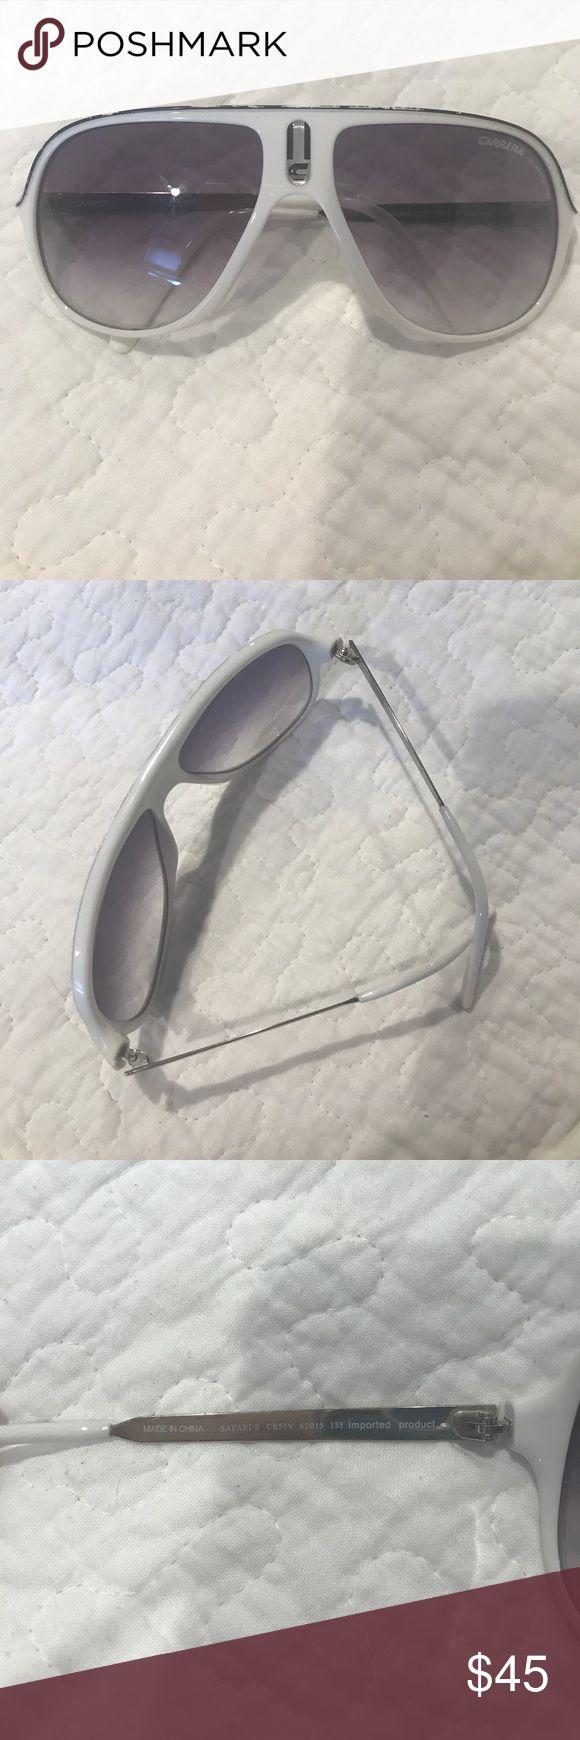 Carrera sunglasses Unisex Carrera sunglasses great for summer! Minor signs of wear. White. Carrera Accessories Sunglasses